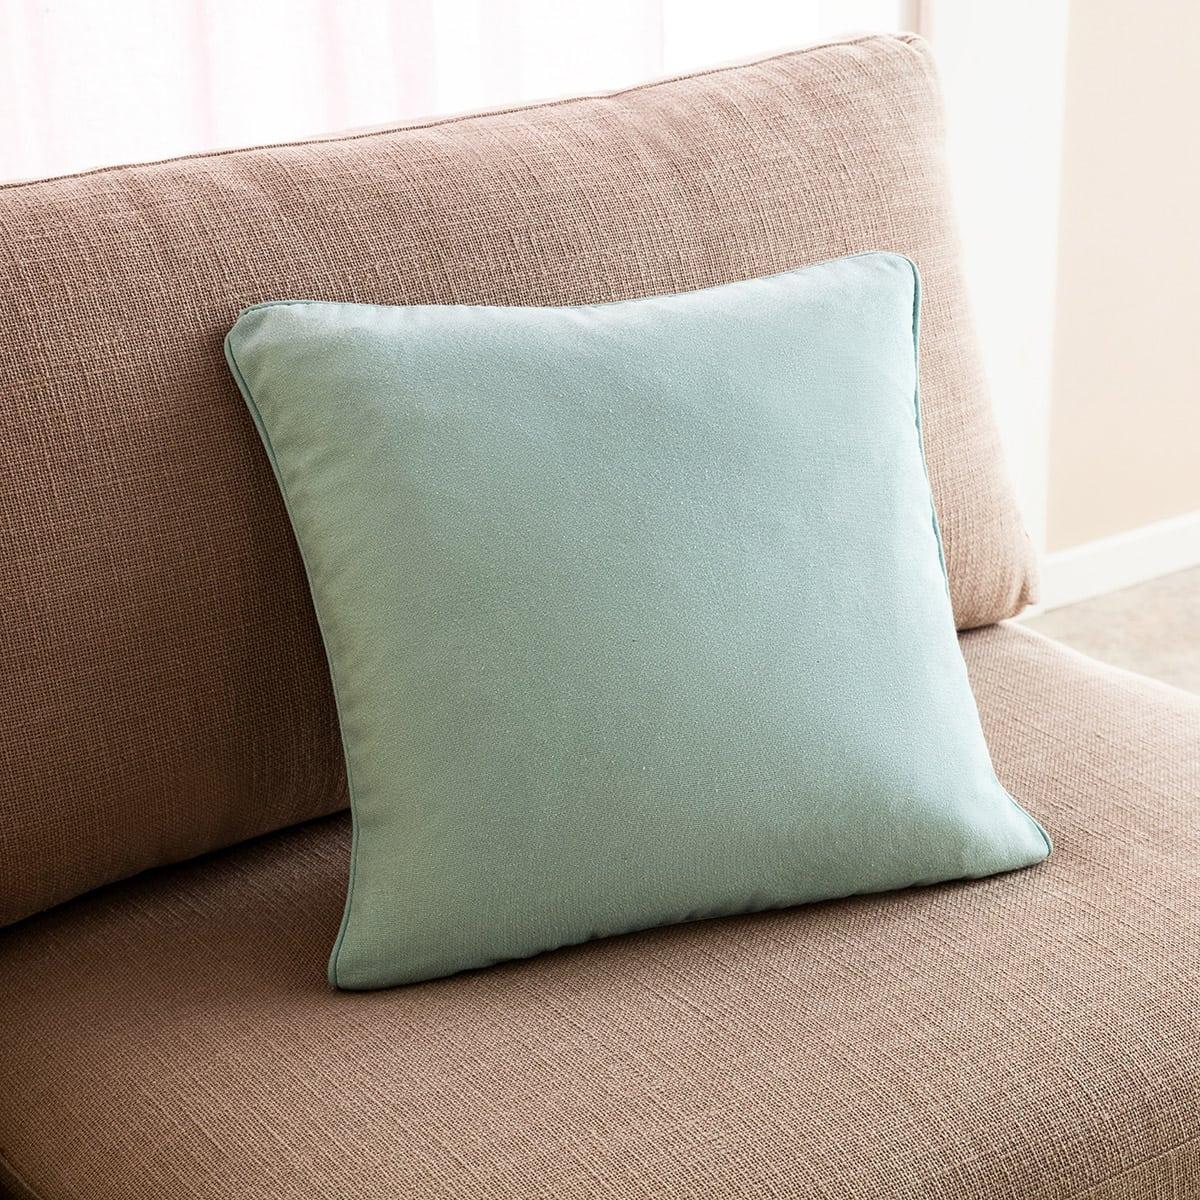 Μαξιλαροθήκη Διακοσμητική Colors 911/01 Cloud blue Gofis Home 45X45 Βαμβάκι-Polyester